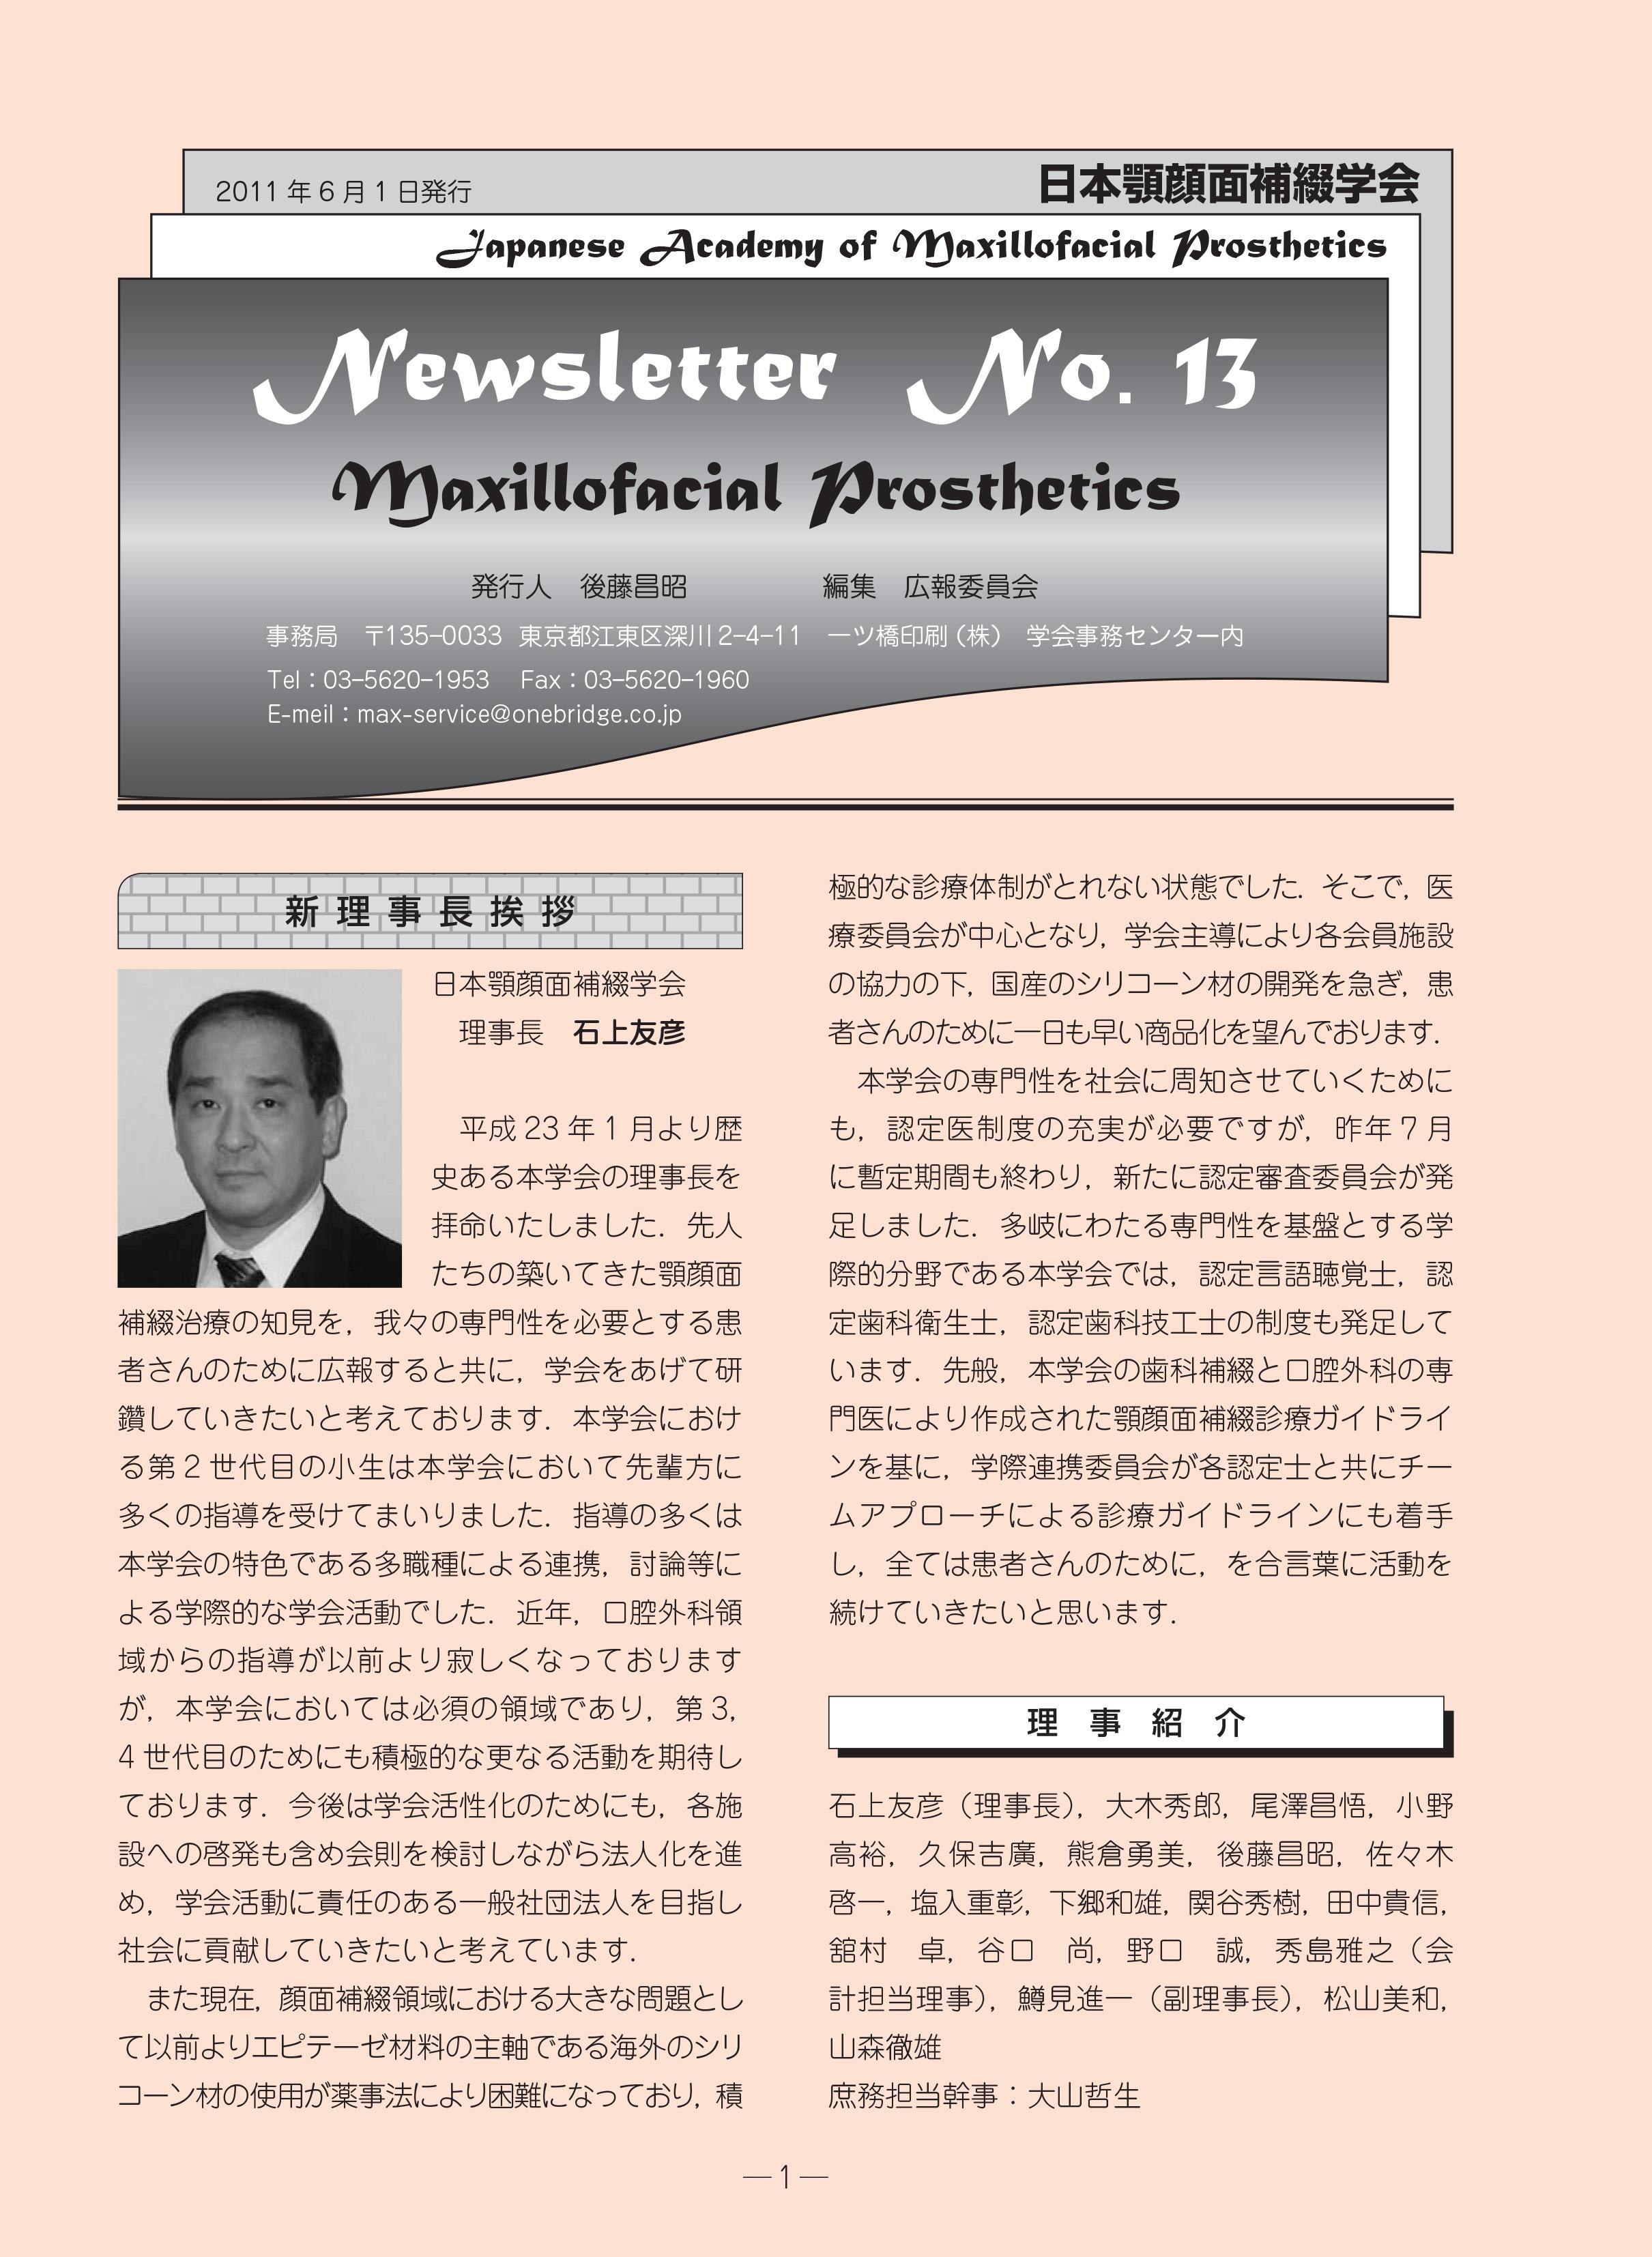 ニュースレター No.13